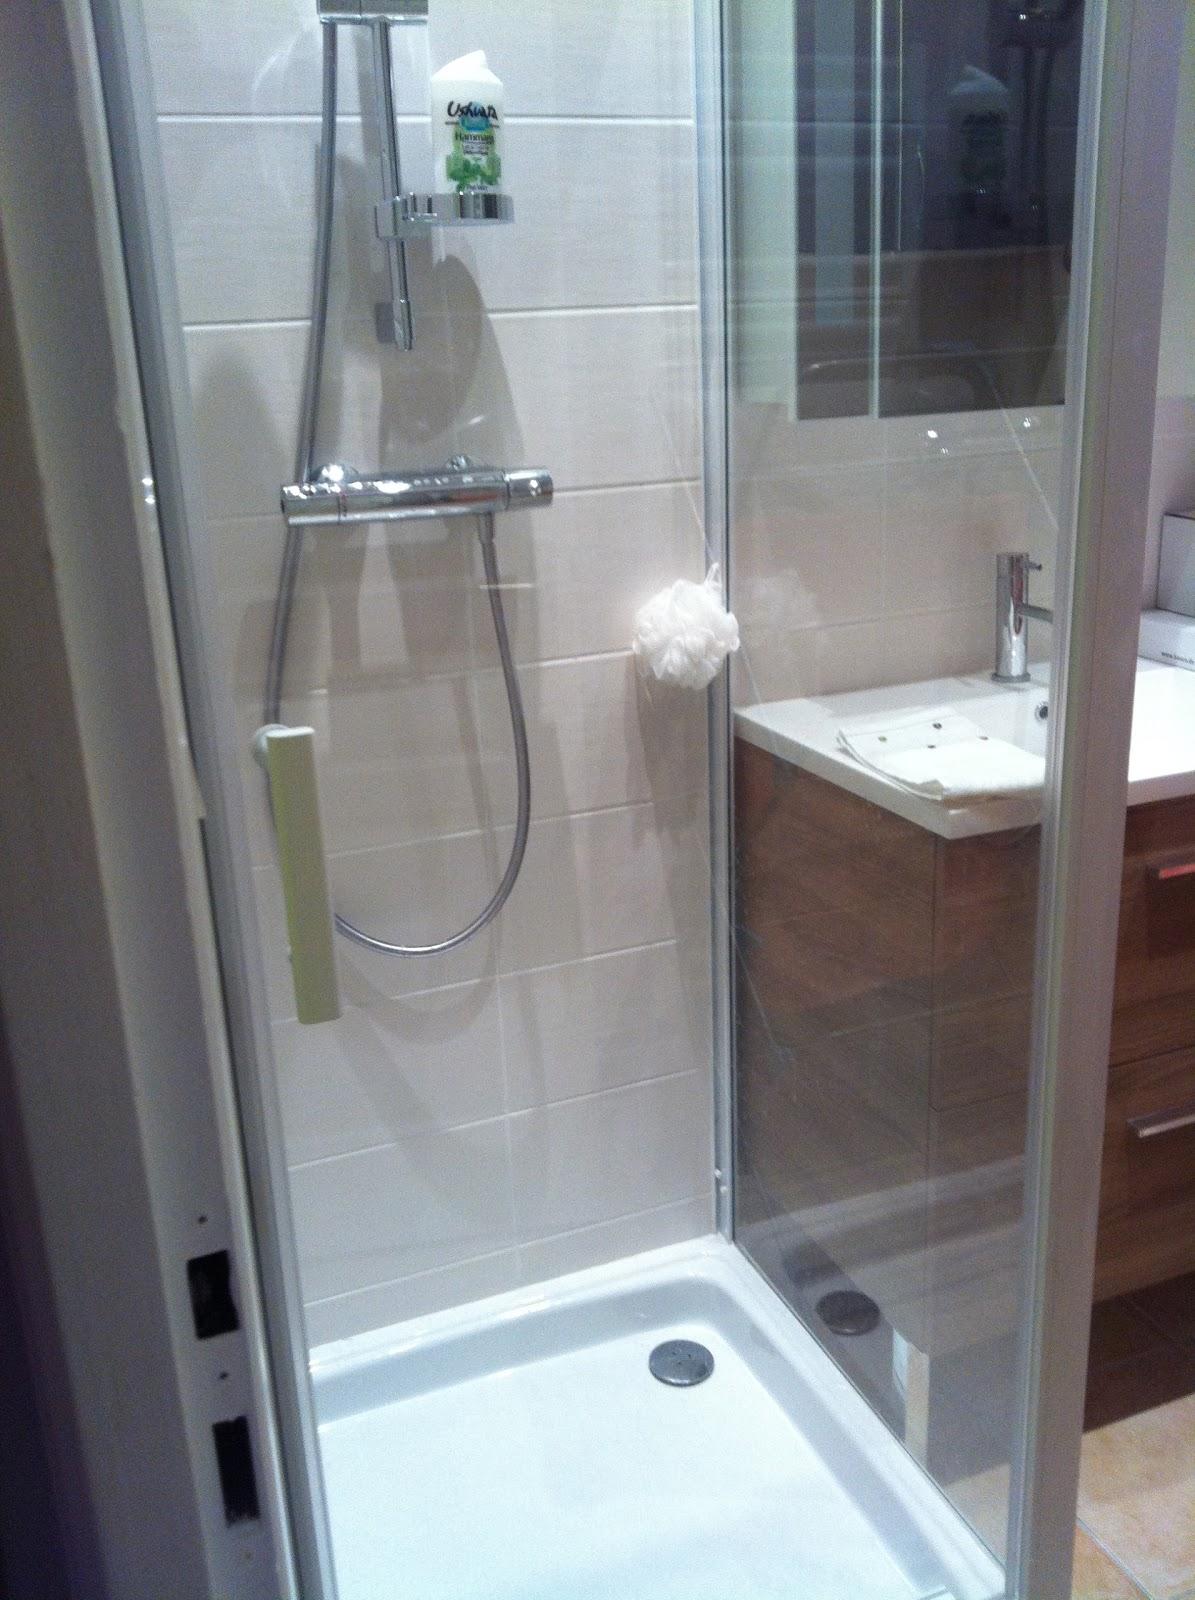 l 39 atelier des f es creation d 39 une salle de bain dans un cellier espace confin ambiance zen. Black Bedroom Furniture Sets. Home Design Ideas